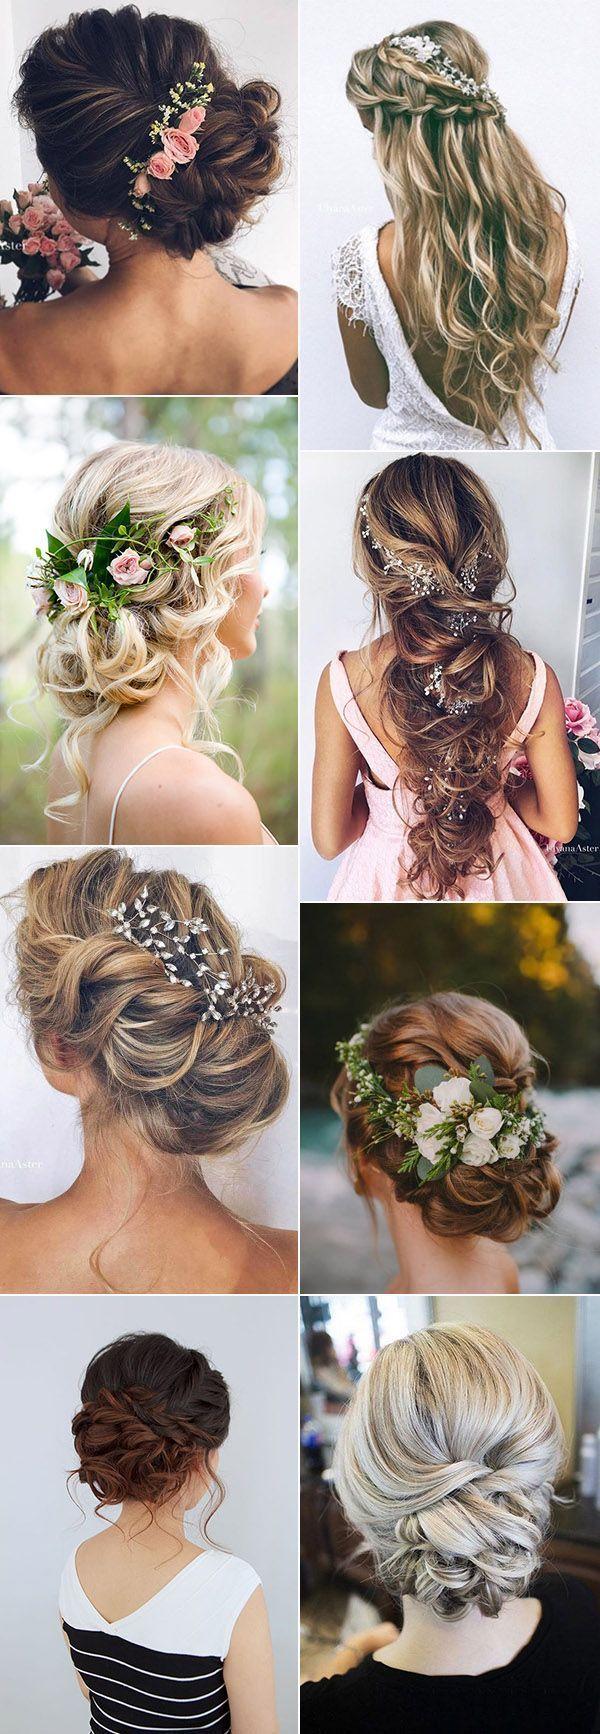 Makeup & Hair Ideas: Top 20 Ideen für Hochzeitsfrisuren für 2017 Trends